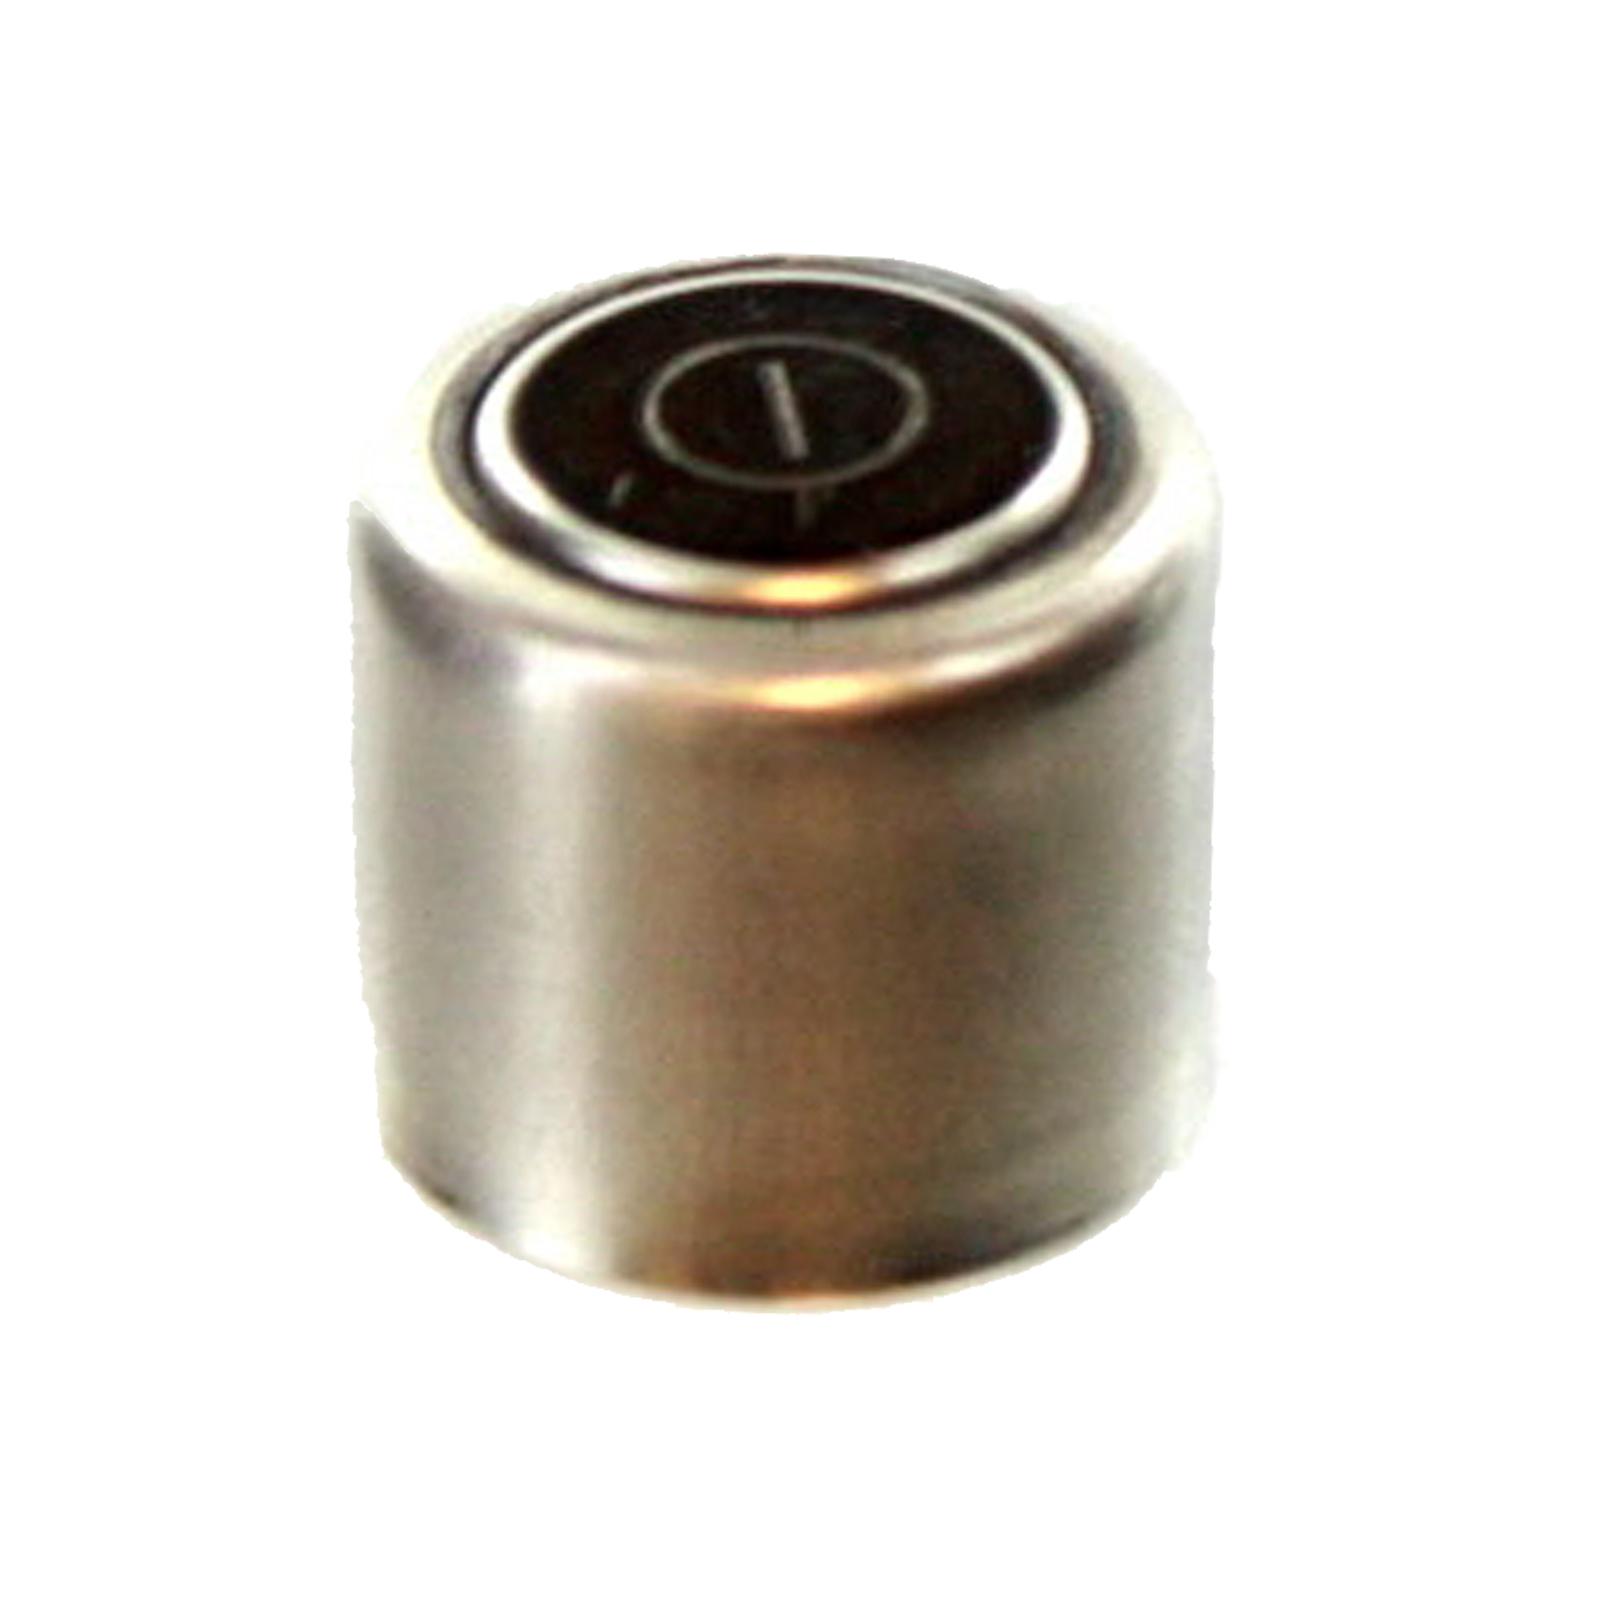 6pk dog collar battery for dl 1 3n 867 2l76 energizer. Black Bedroom Furniture Sets. Home Design Ideas